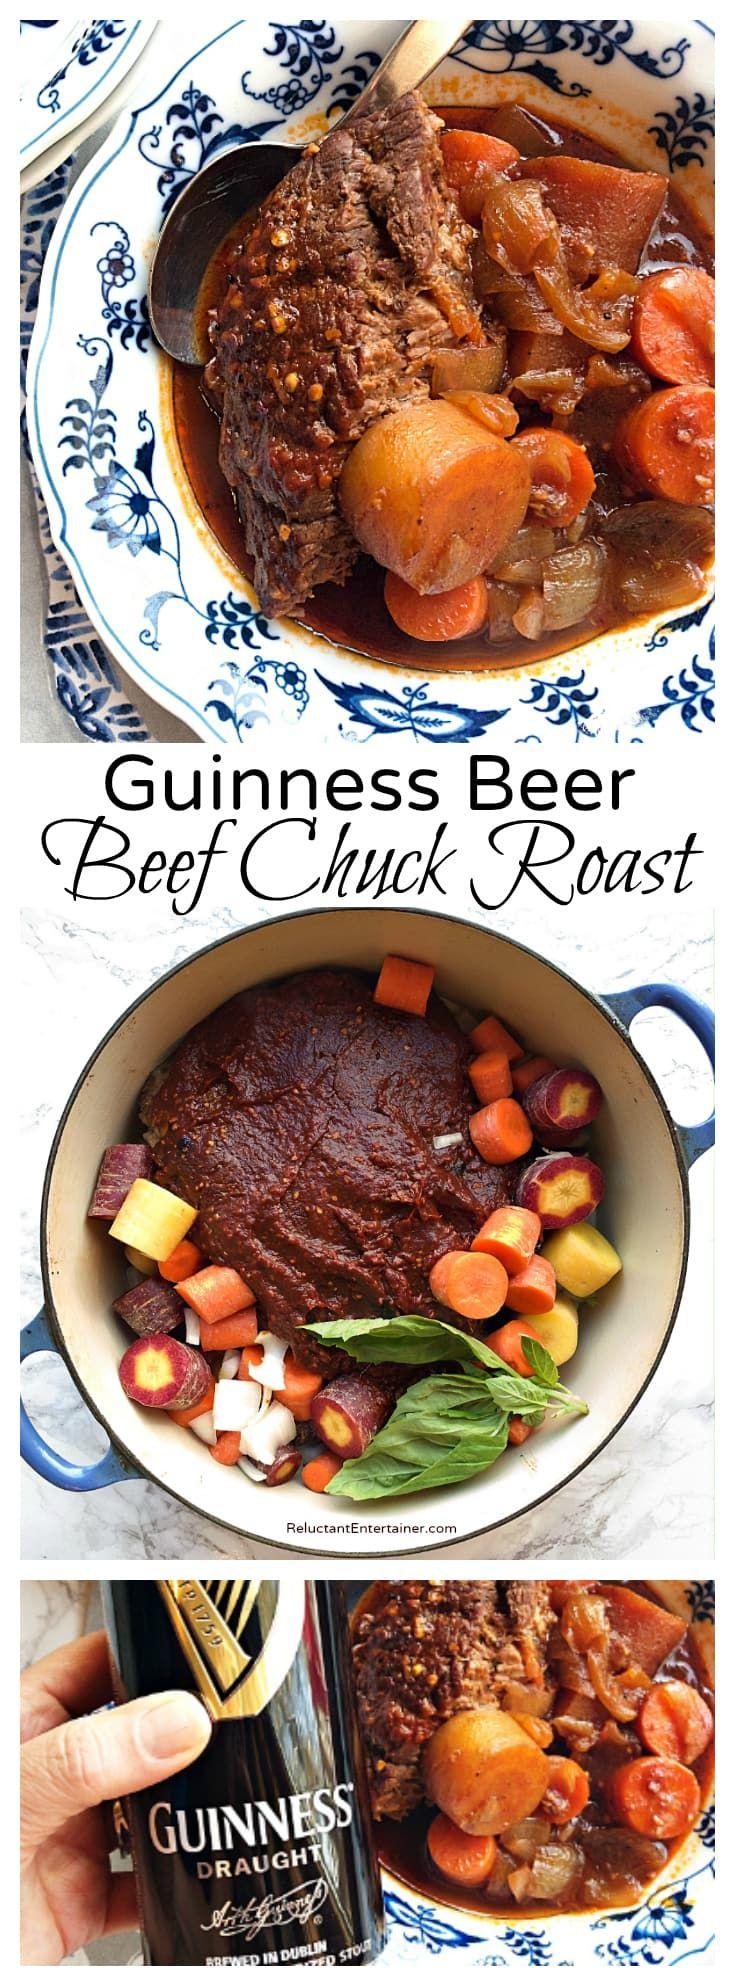 Guinness Beer Beef Chuck Roast Recipe Beef Recipes Beef Chuck Roast Roast Recipes